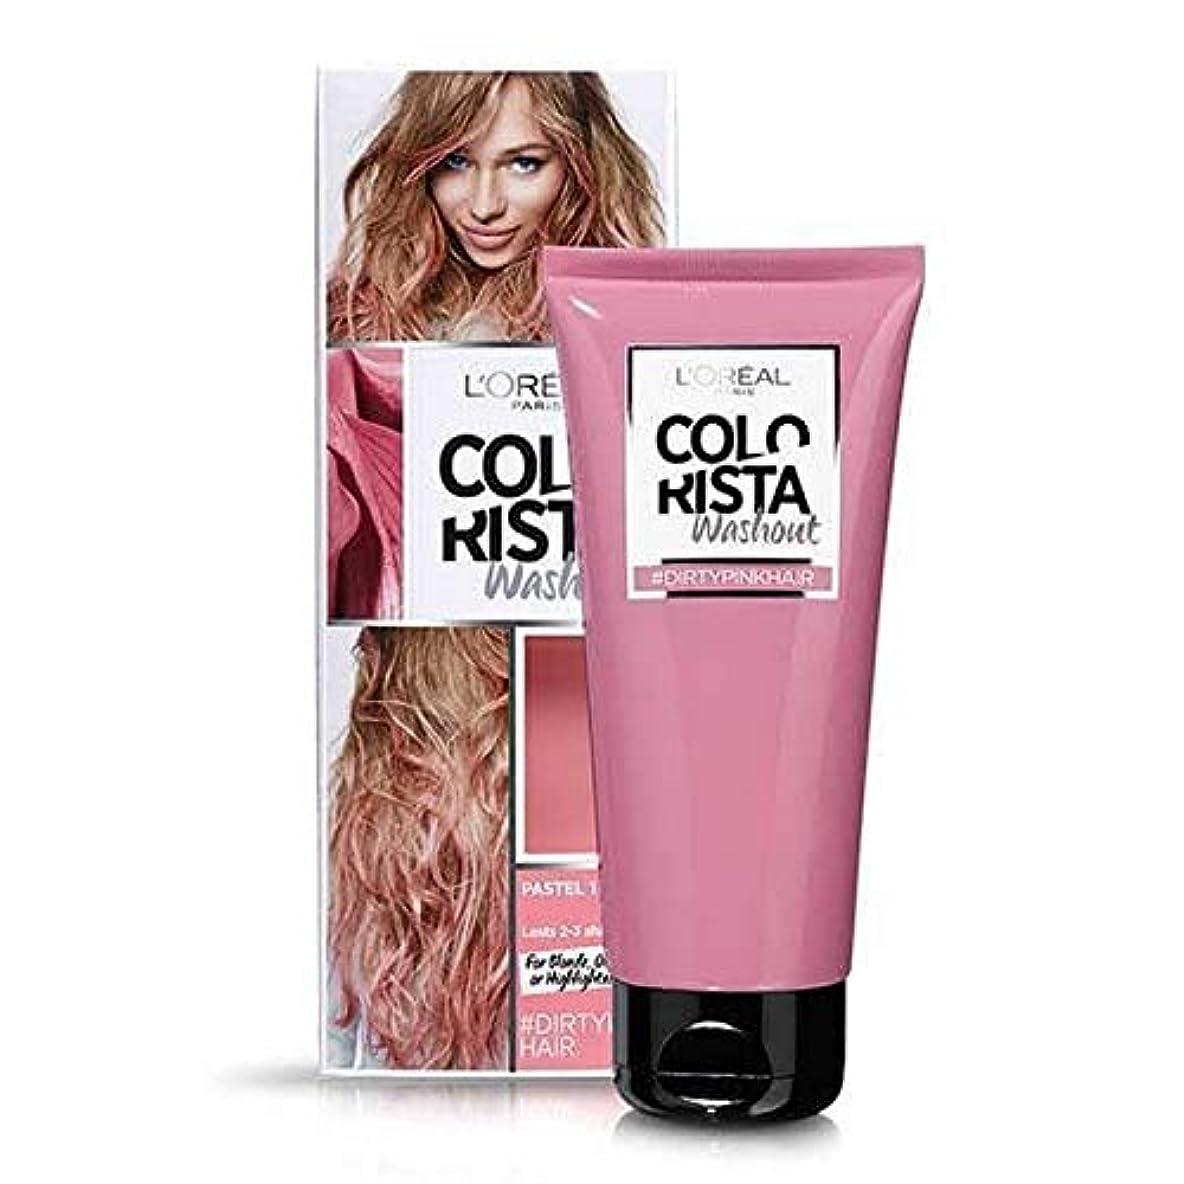 議会メロディアス油[Colorista] Colorista洗い出し汚いピンク半永久染毛剤 - Colorista Washout Dirty Pink Semi-Permanent Hair Dye [並行輸入品]